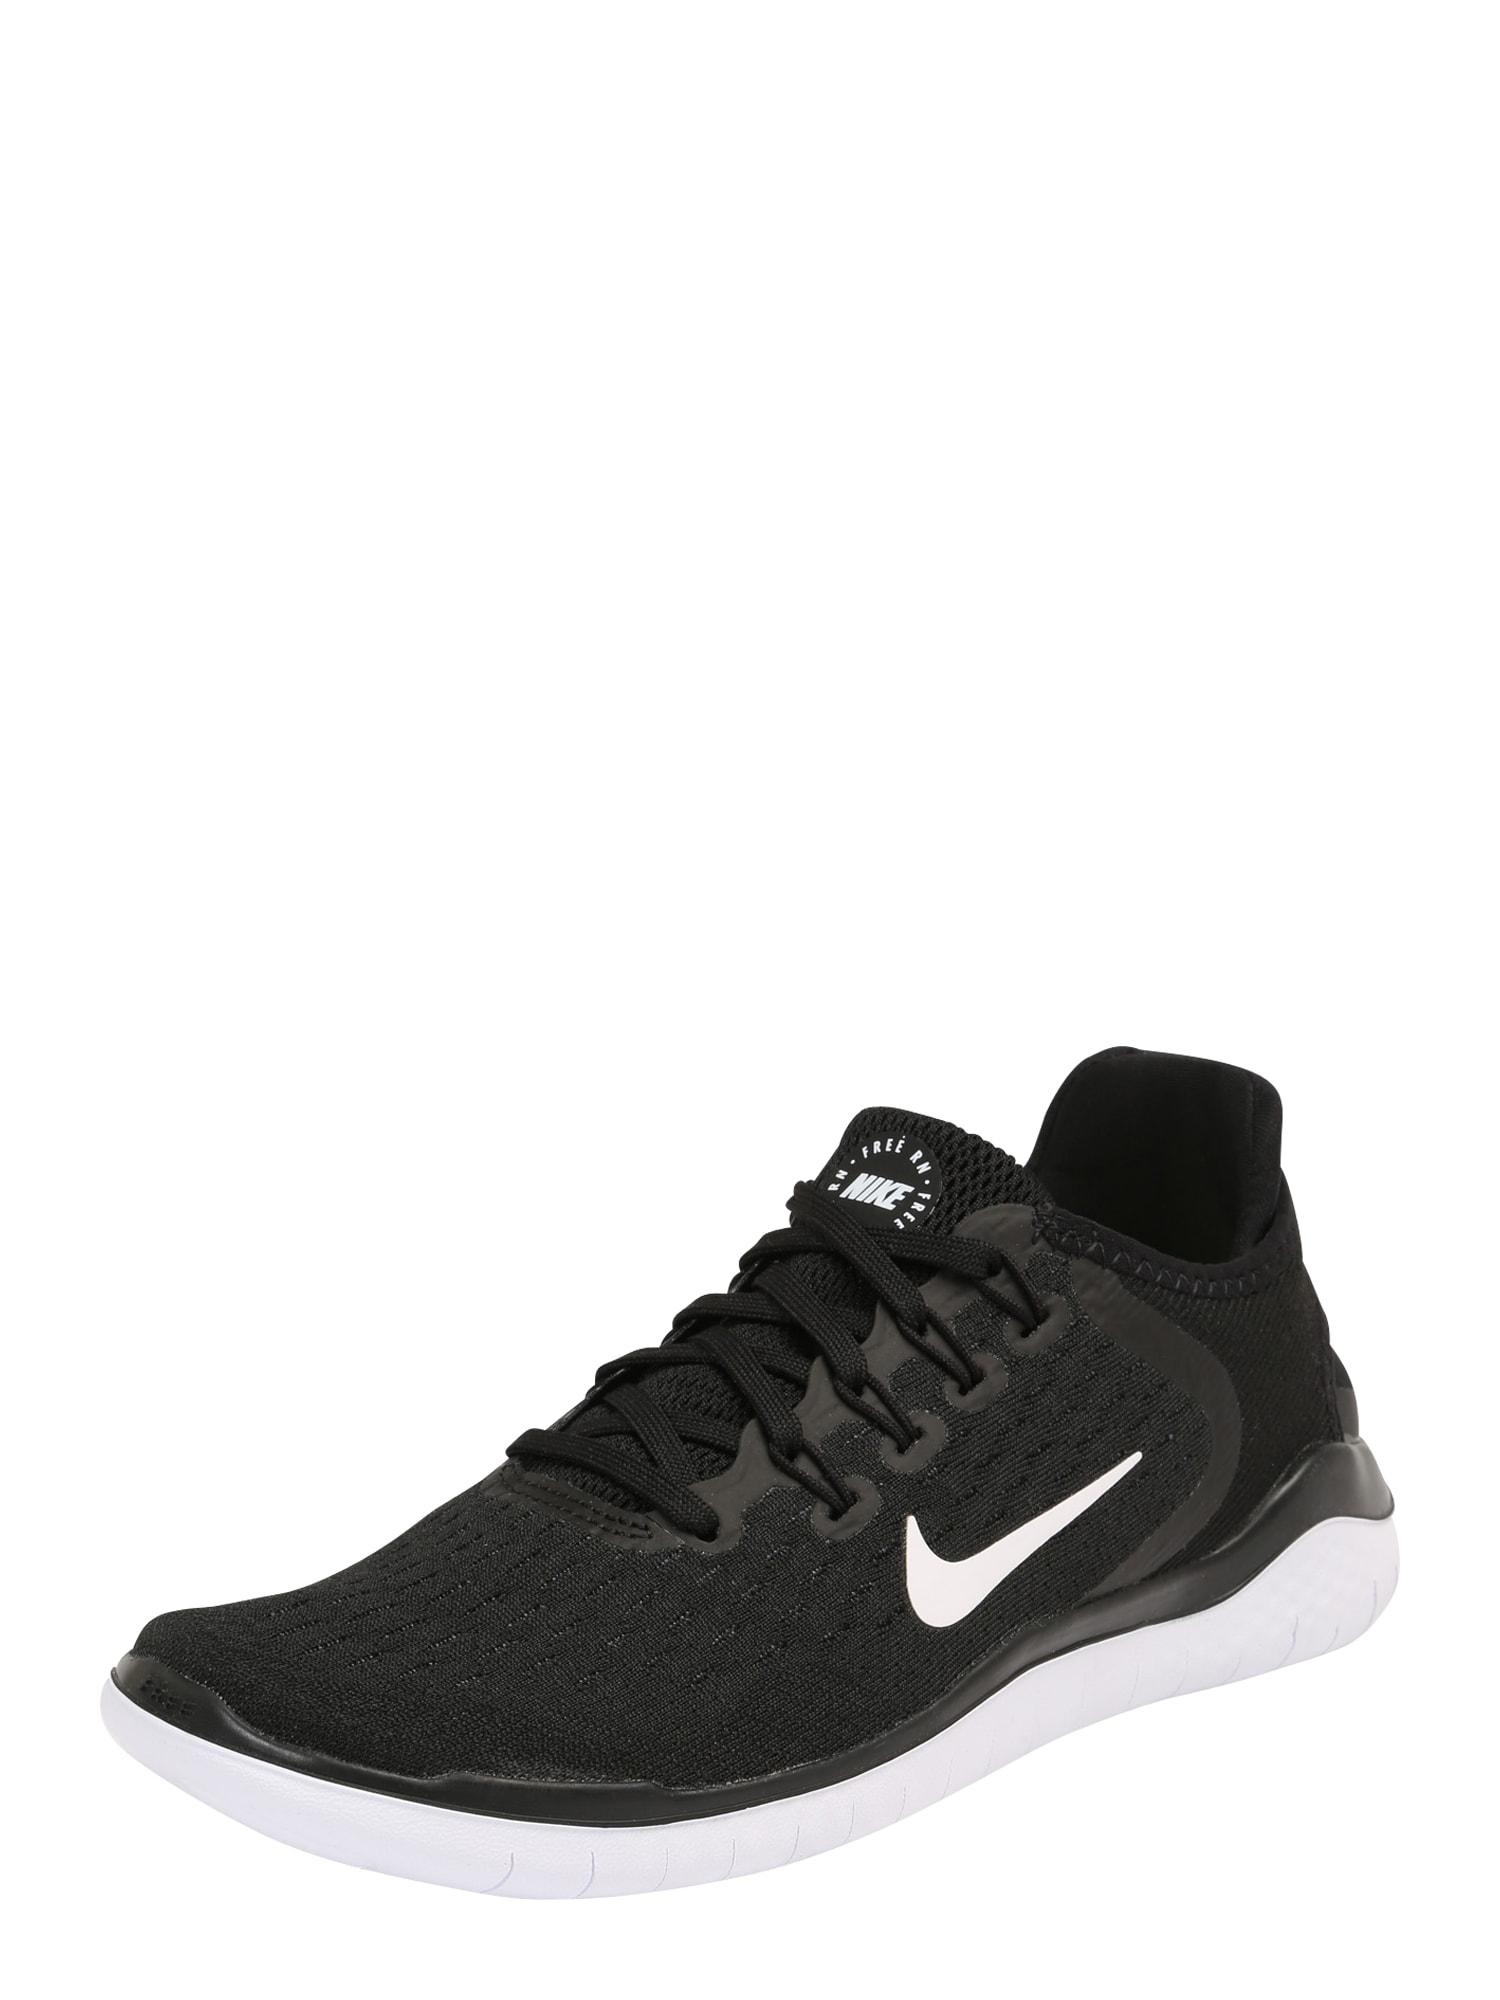 Laufschuh 'Free RN' | Schuhe > Sportschuhe | Schwarz - Weiß | Nike